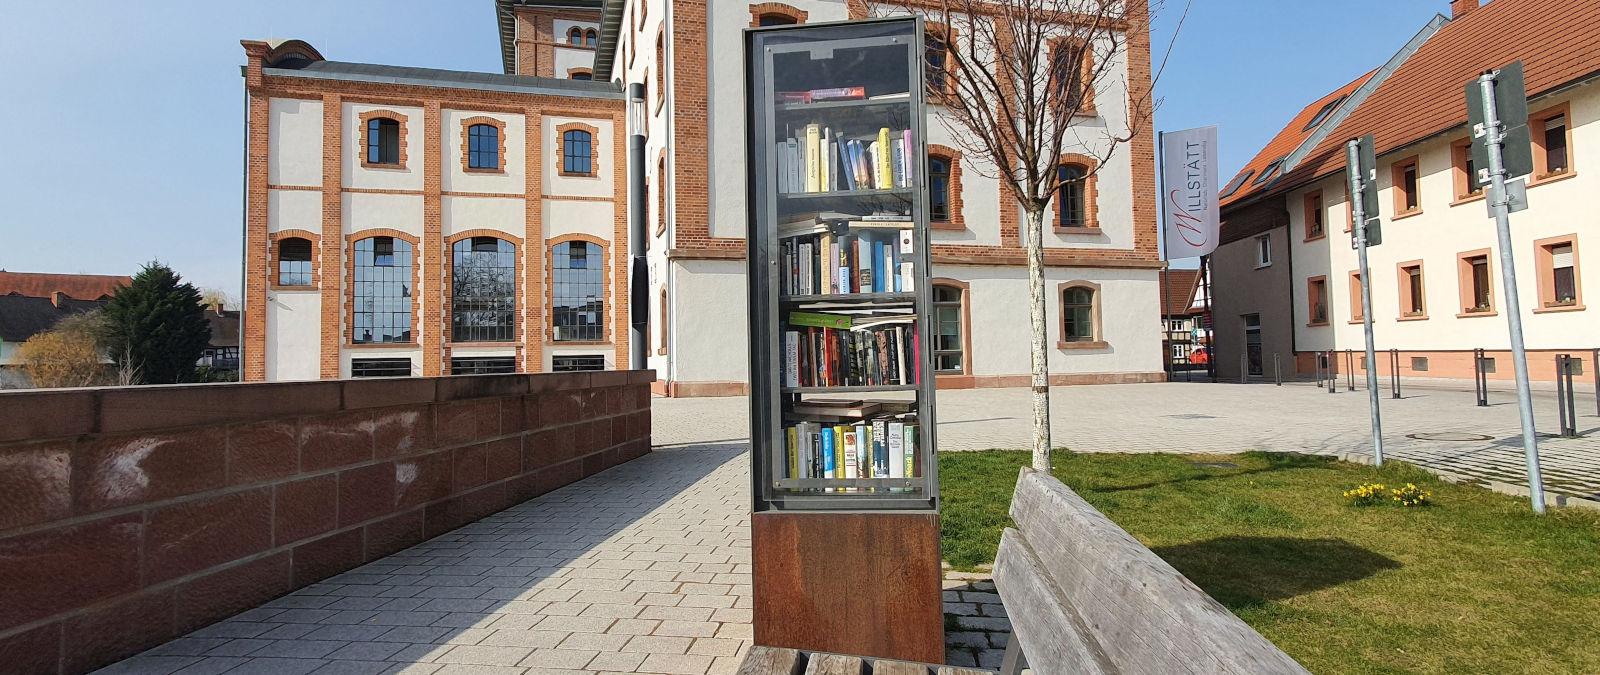 Offener Bücherschrank Gemeinde Willstätt